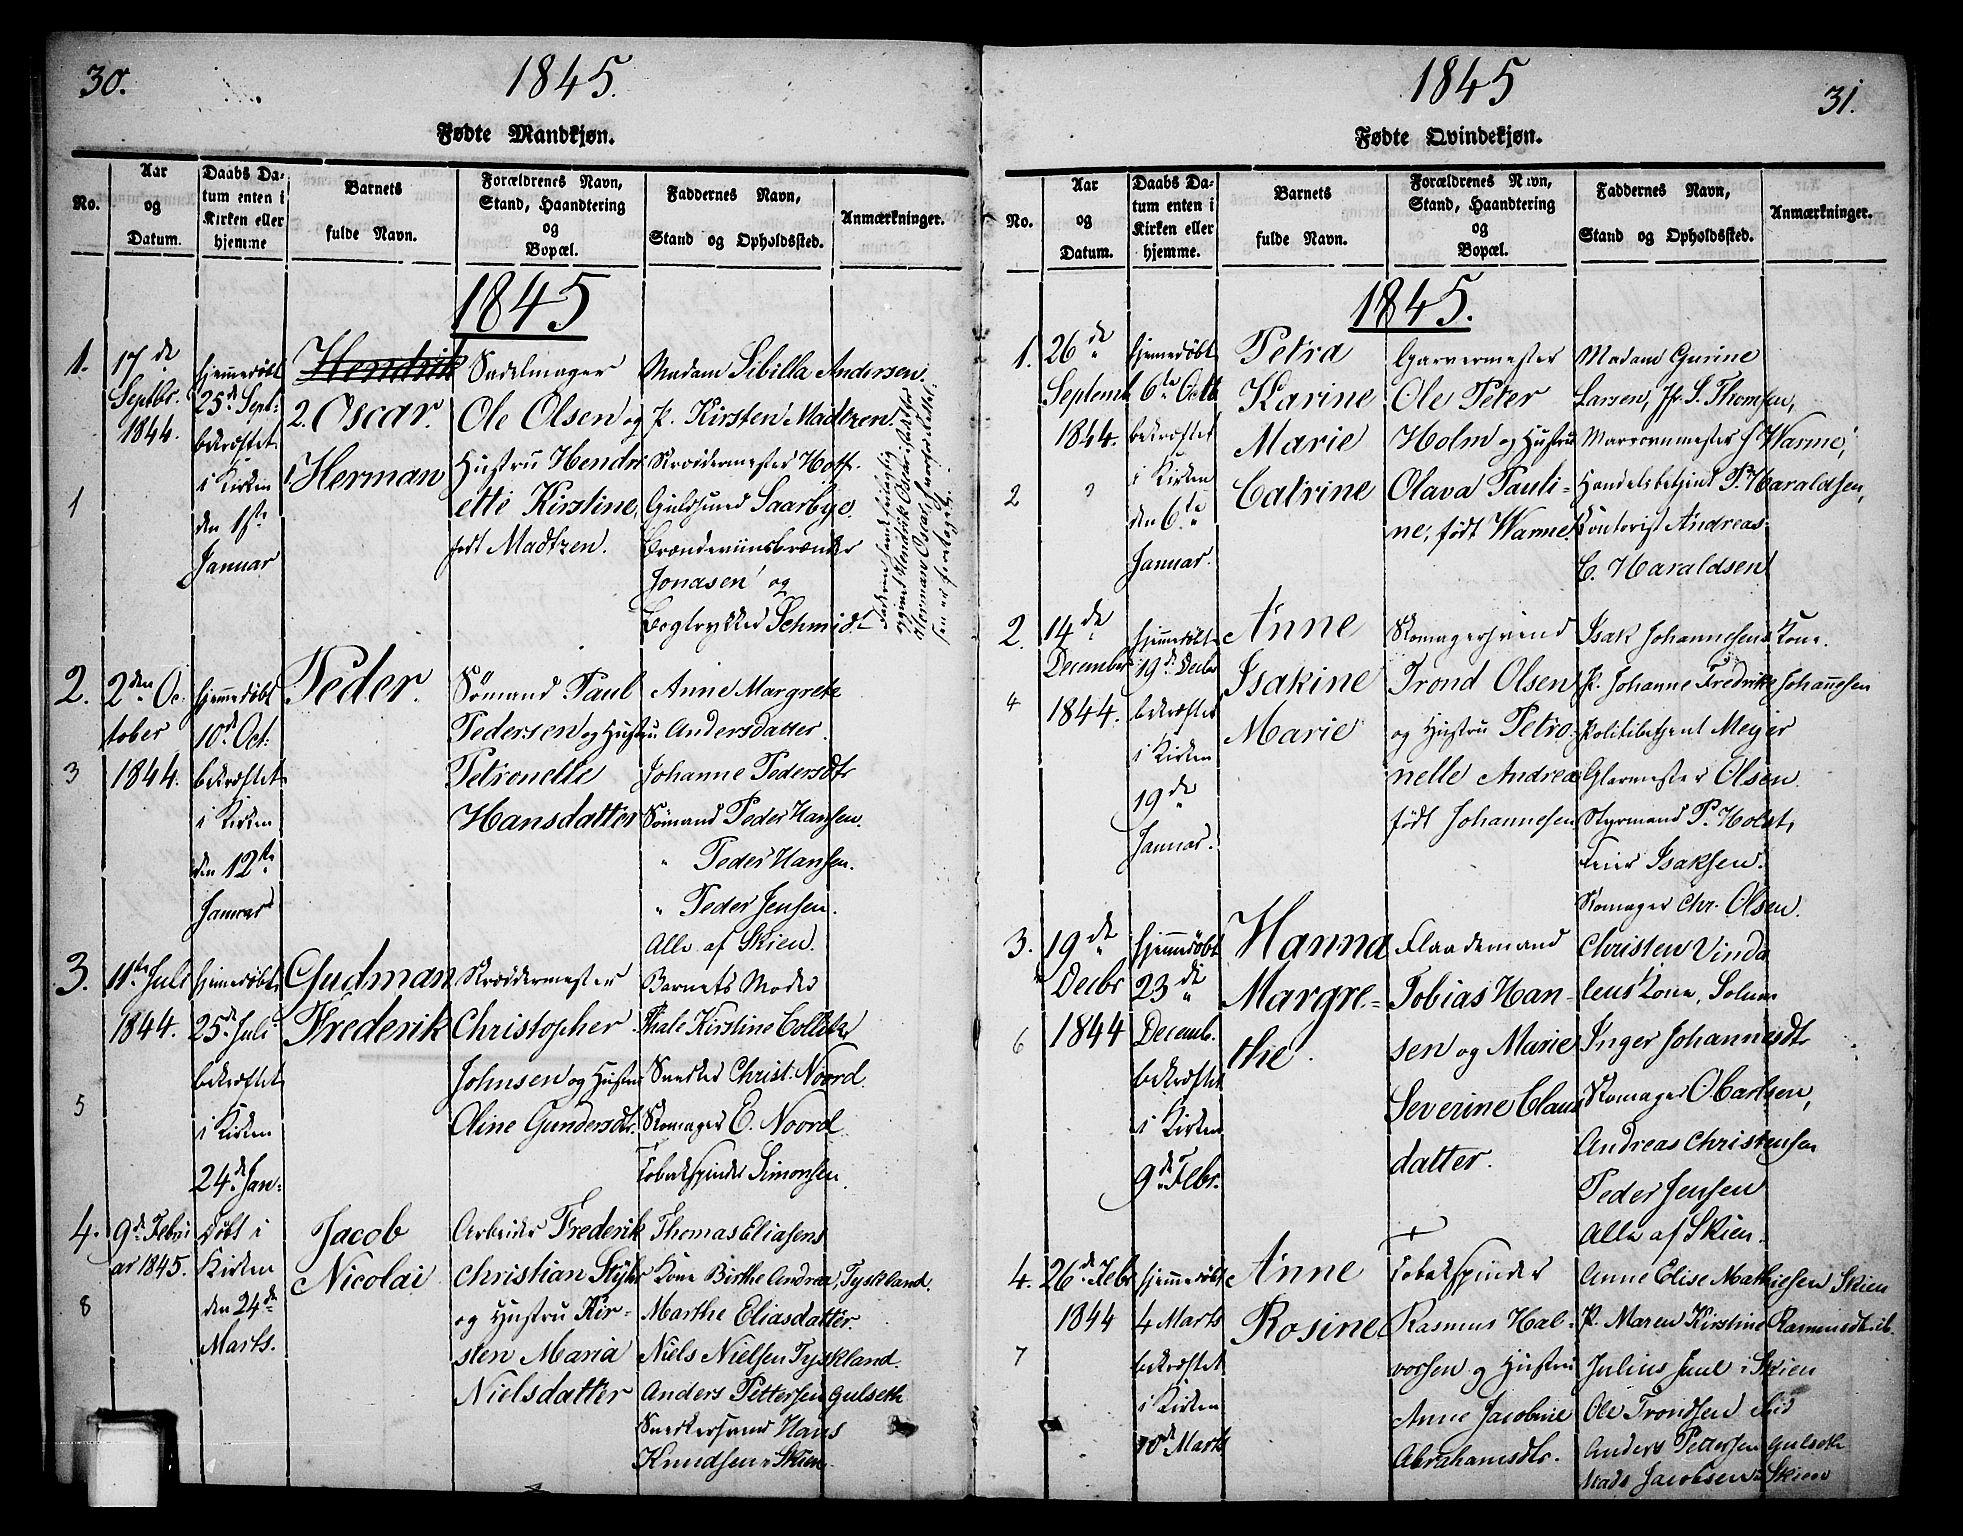 SAKO, Skien kirkebøker, G/Ga/L0003: Klokkerbok nr. 3, 1843-1847, s. 30-31